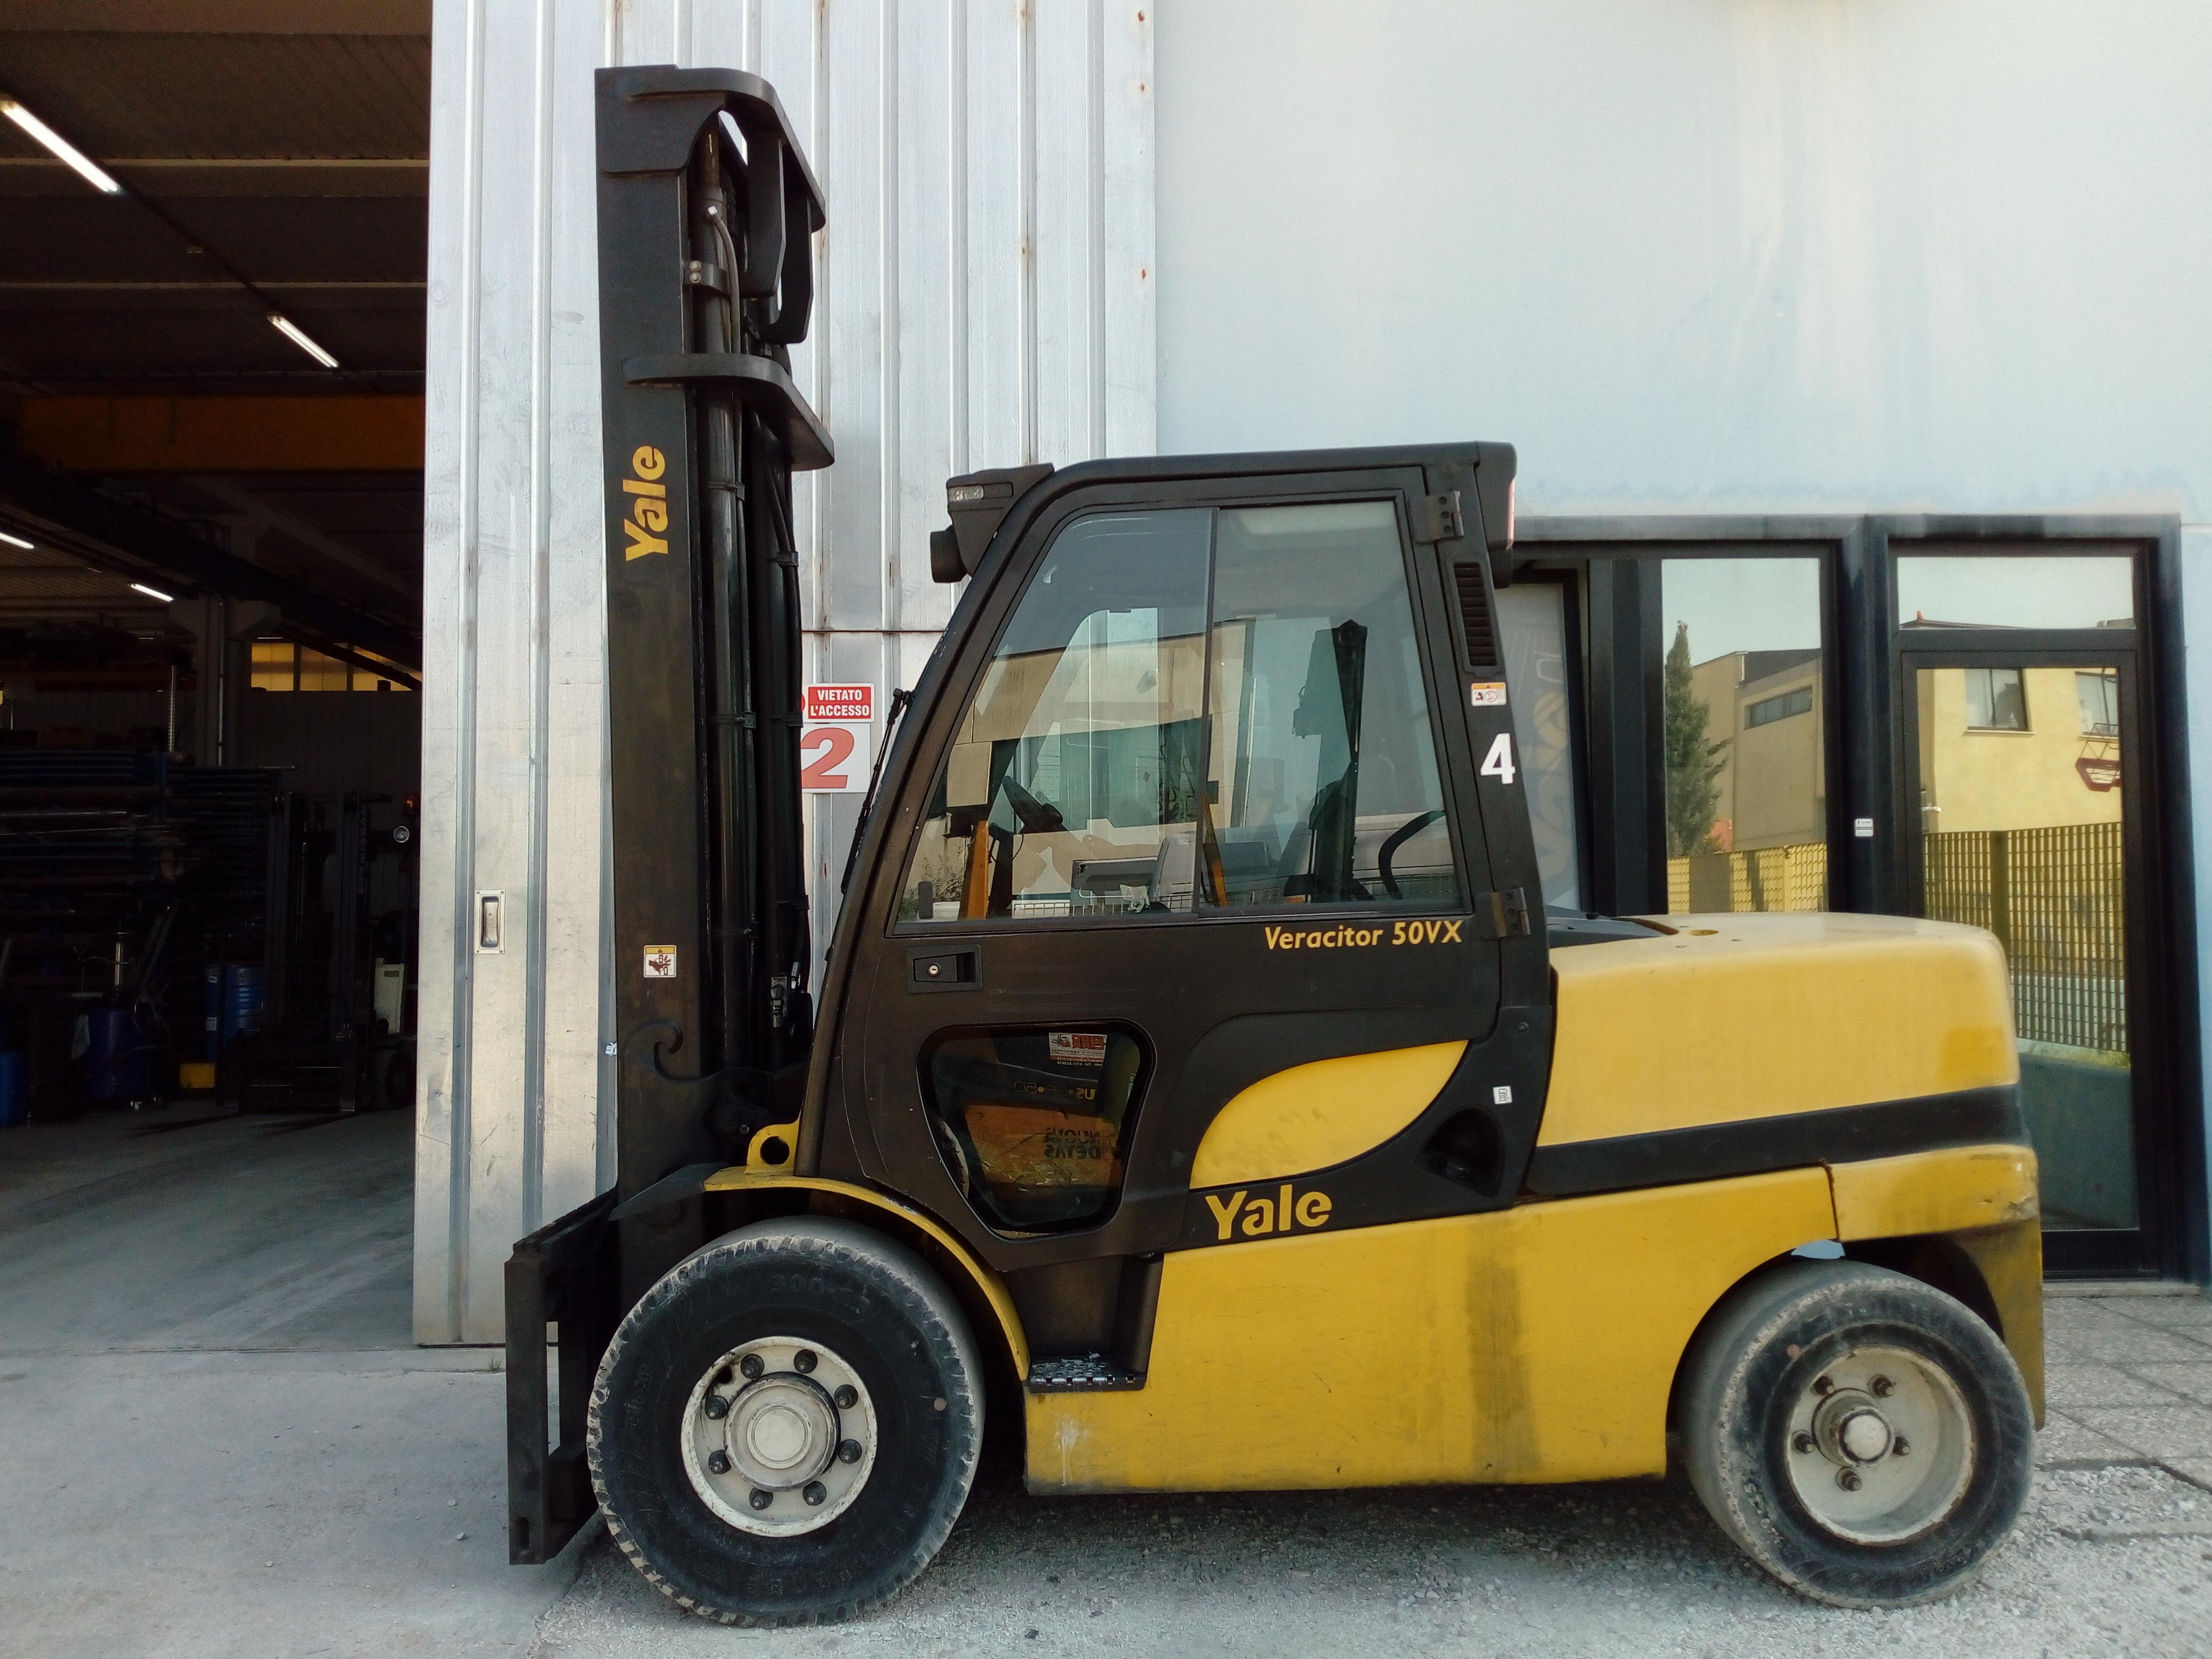 Carrello elevatore diesel a 4 ruote YALE GDP50VX